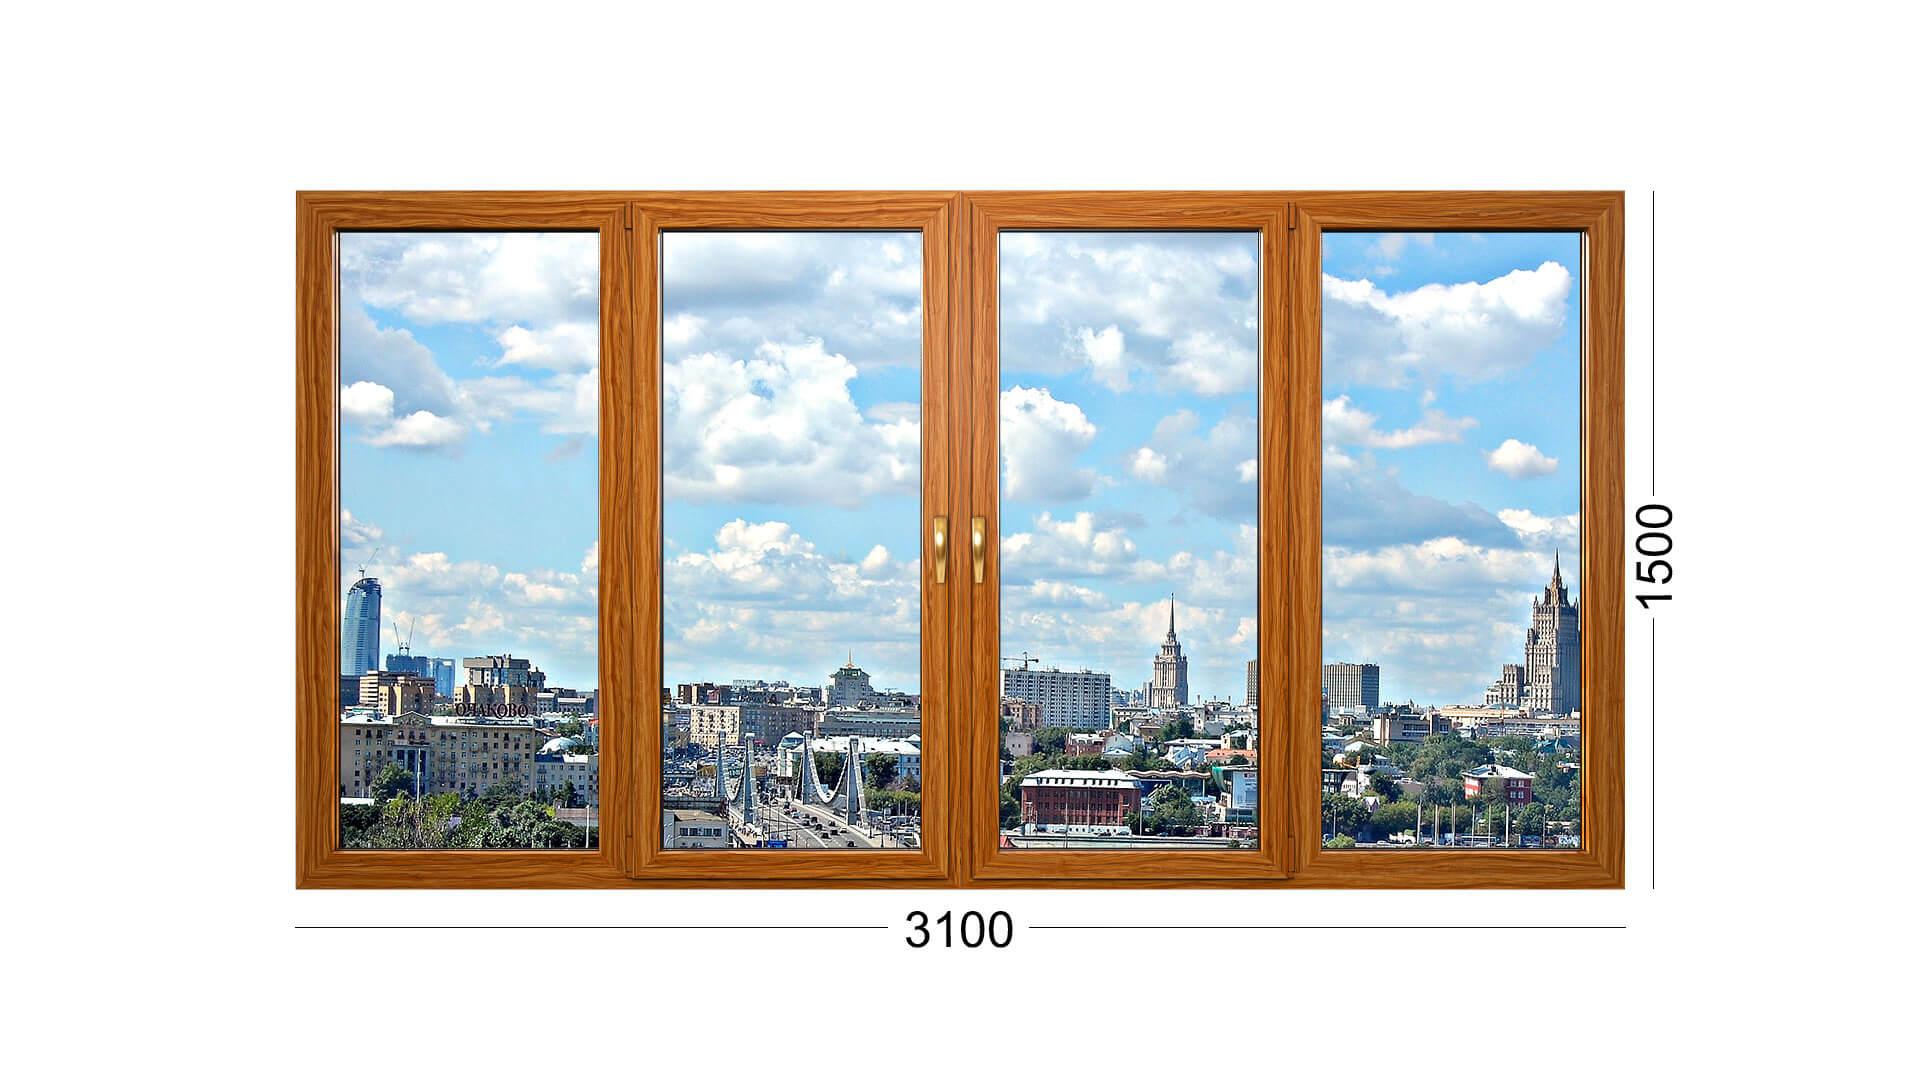 Фото лоджии деревянной 3100 на 1500 мм, остекление в доме П-42 в Москве